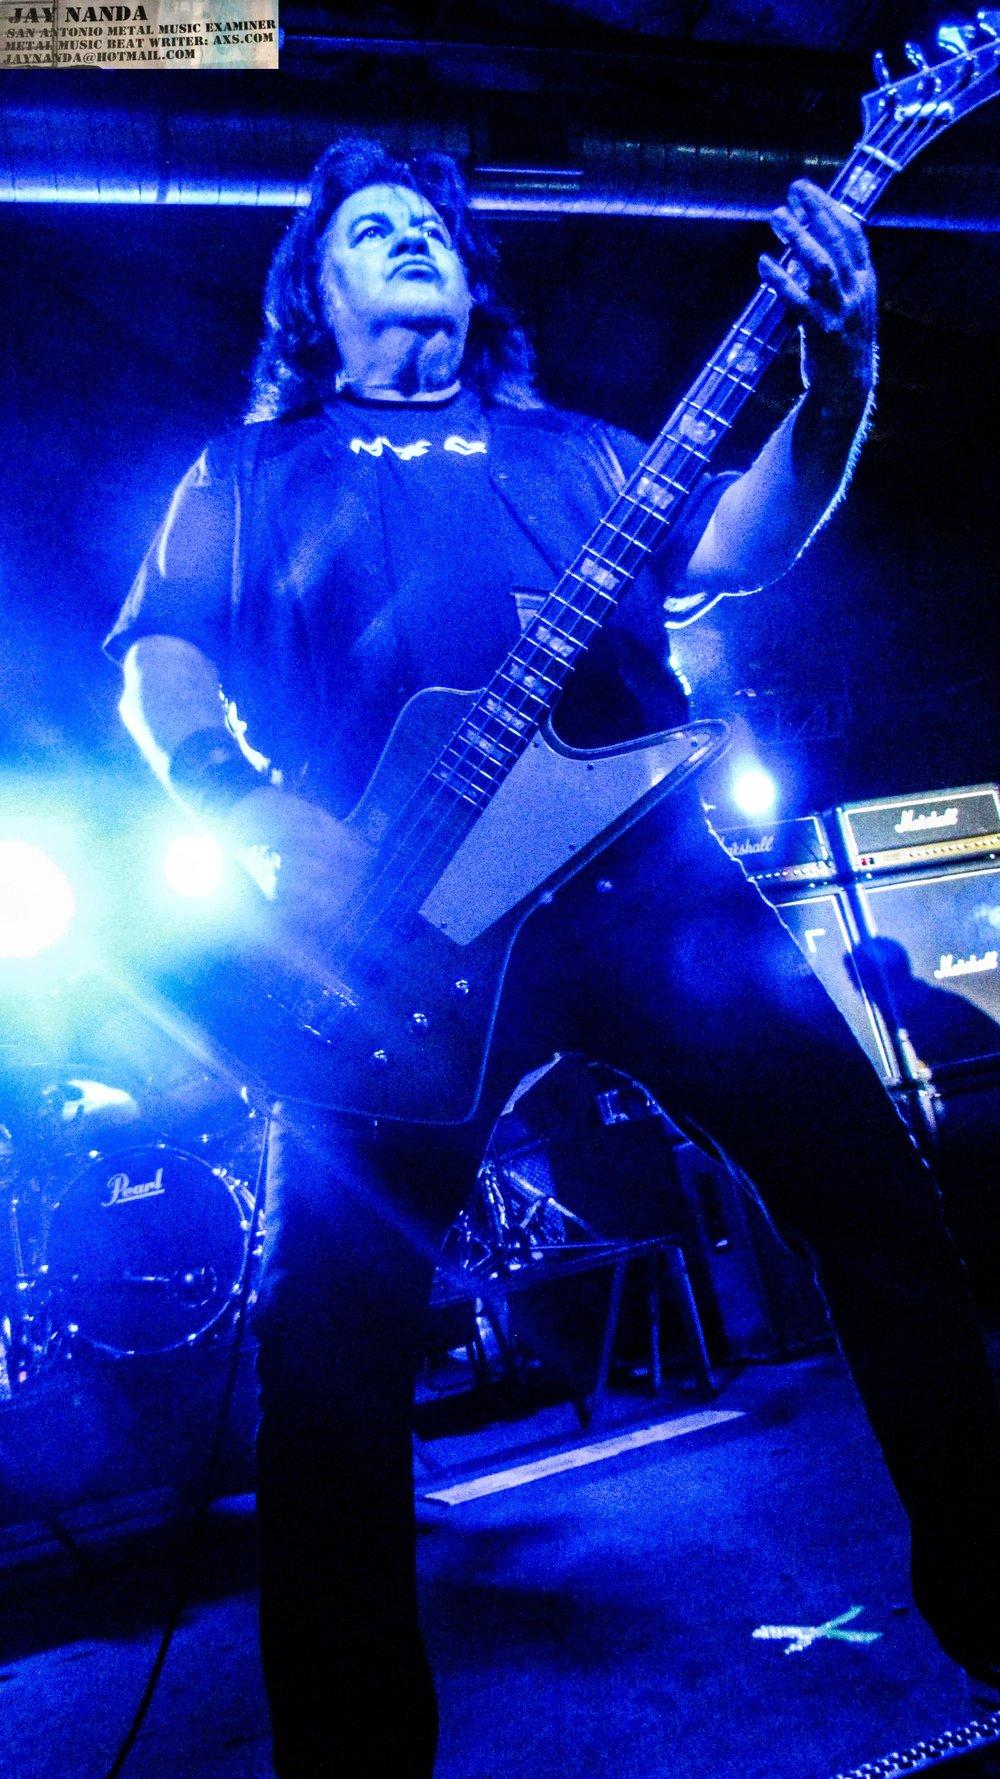 Glen rocks the bass.